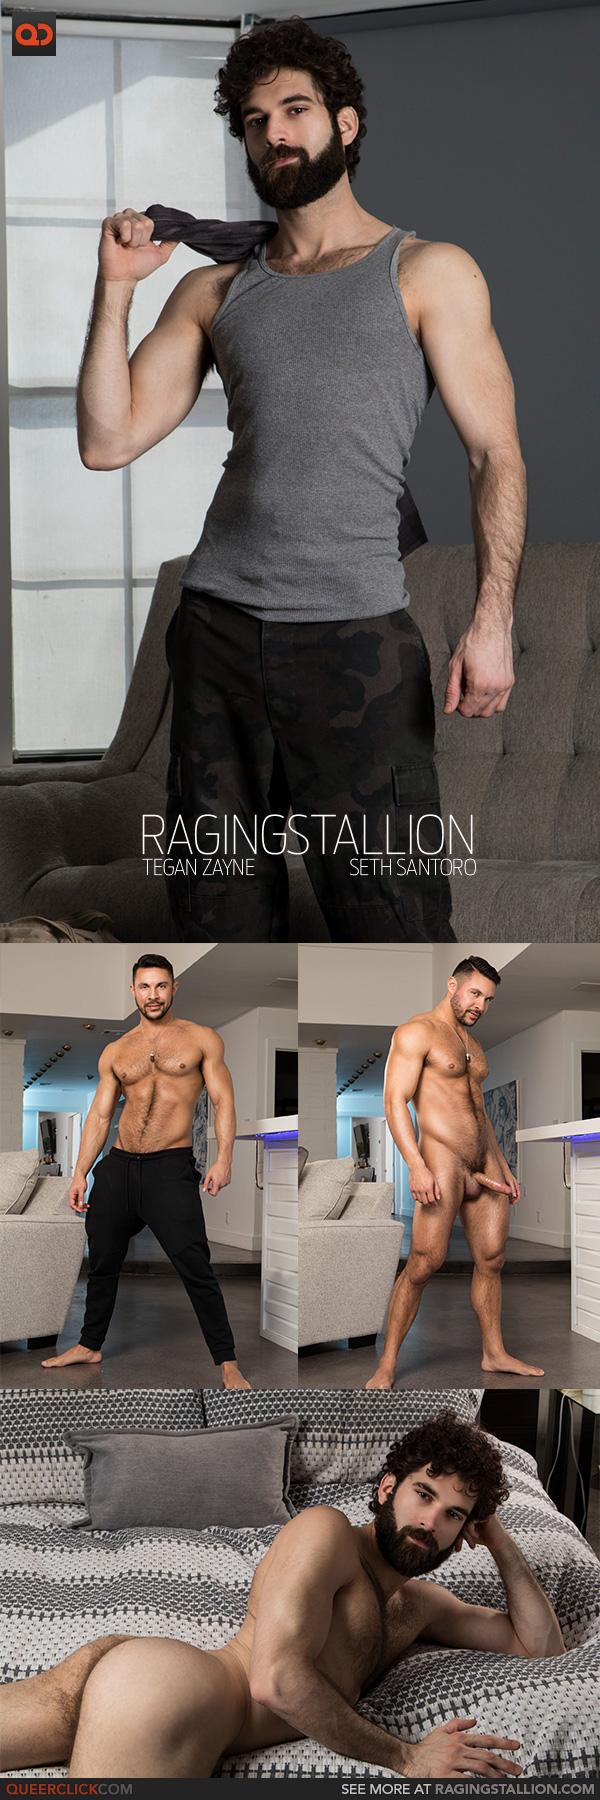 Raging Stallion:  Seth Santoro and Tegan Zayne